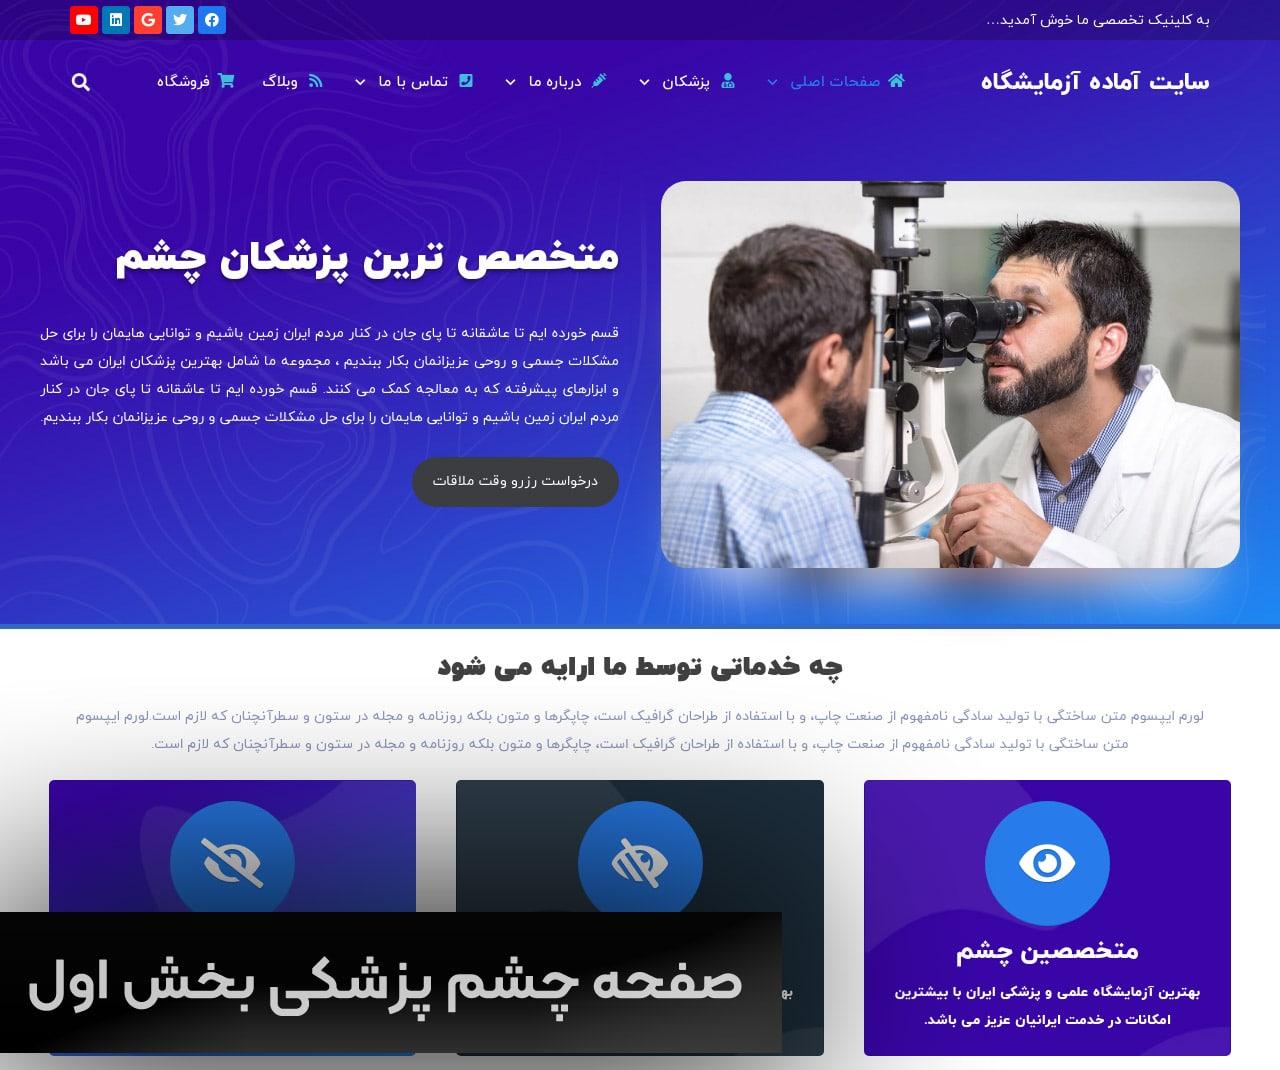 سایت آماده چشم پزشکی